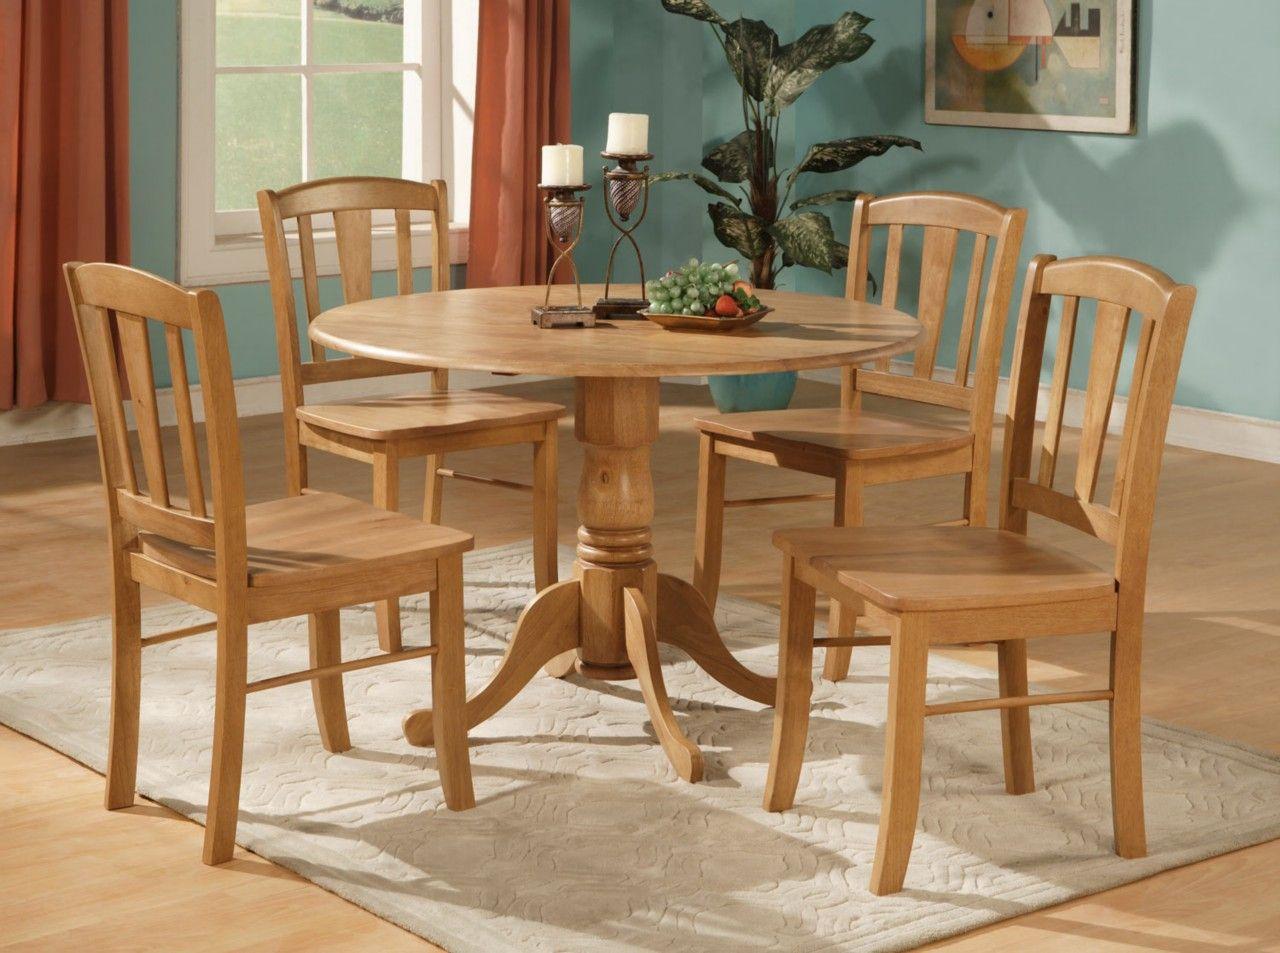 Küche (Tisch Und Stuhl) Überprüfen Sie mehr unter http://stuhle.info ...